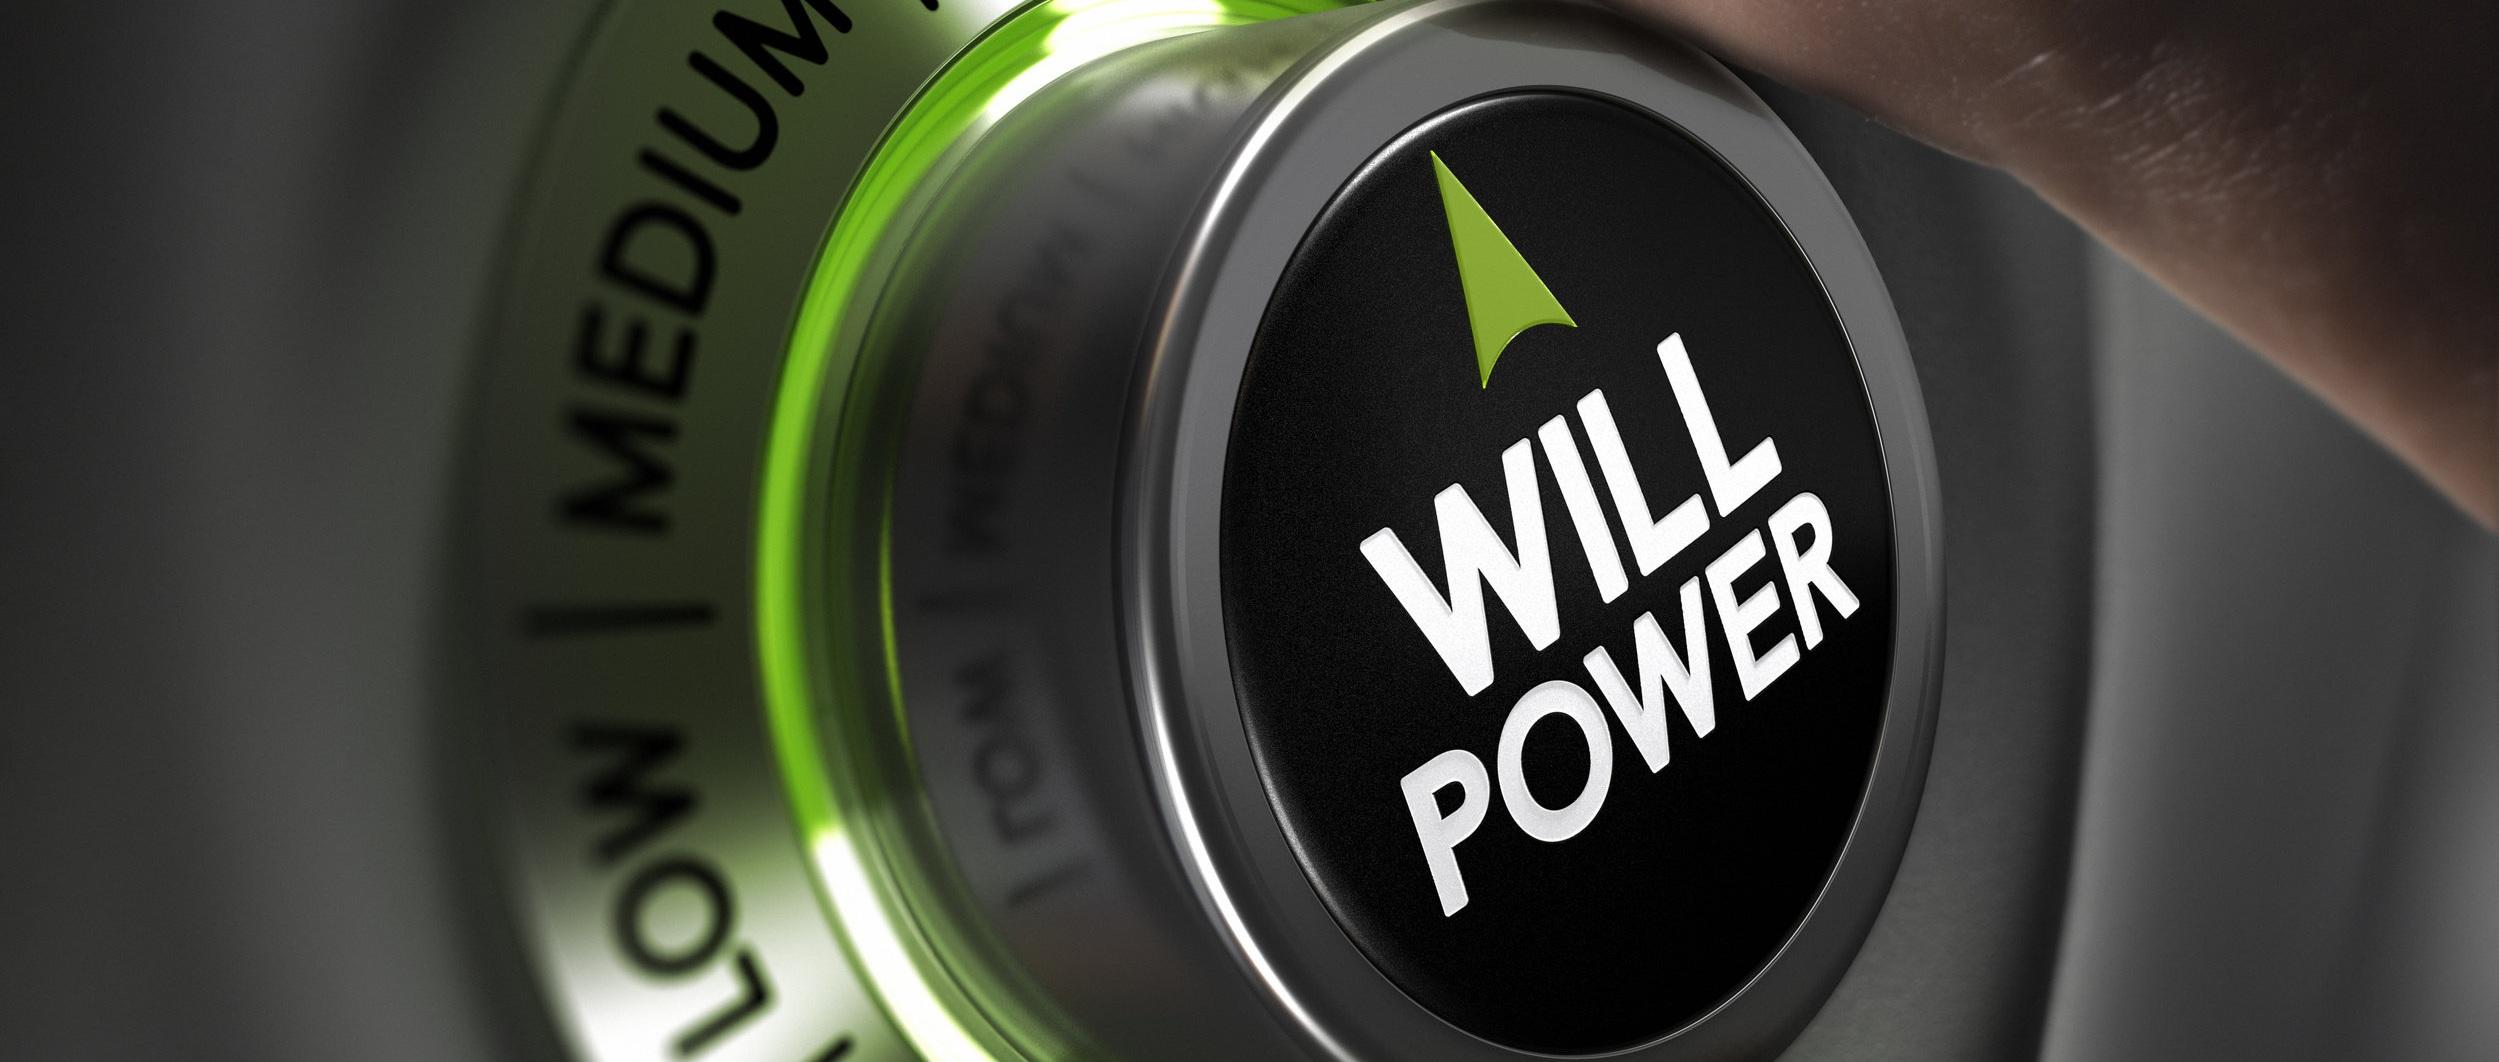 Willpower+button.jpg